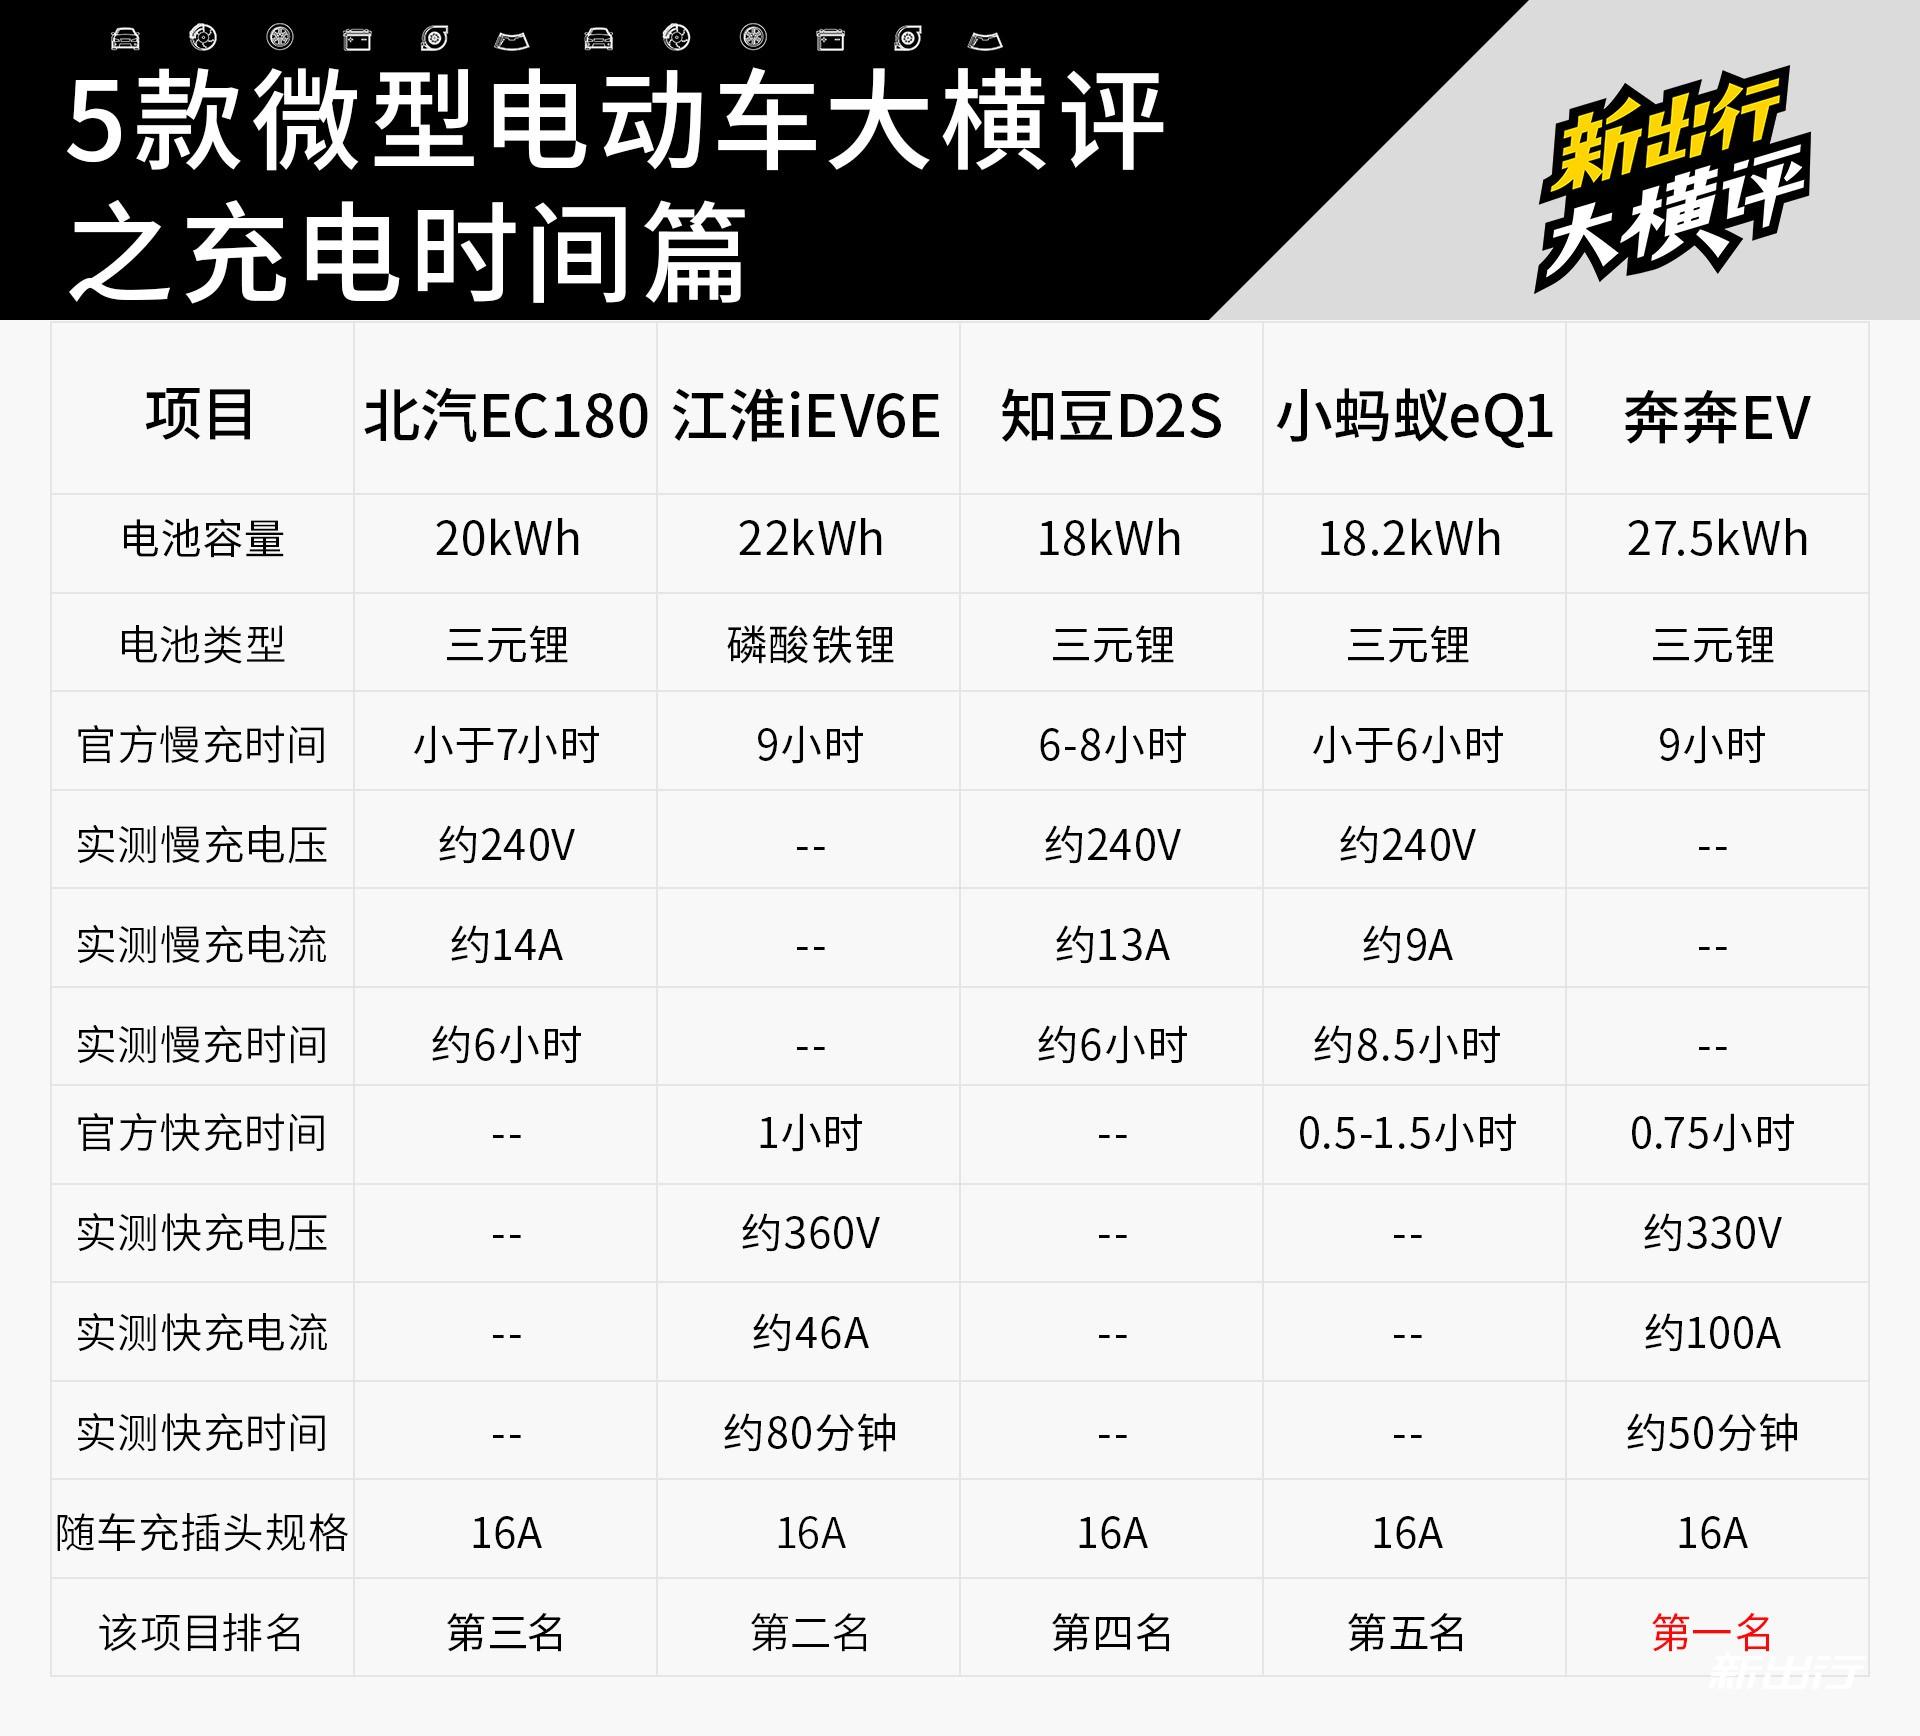 12-新出行5辆微型电动车横评.jpg